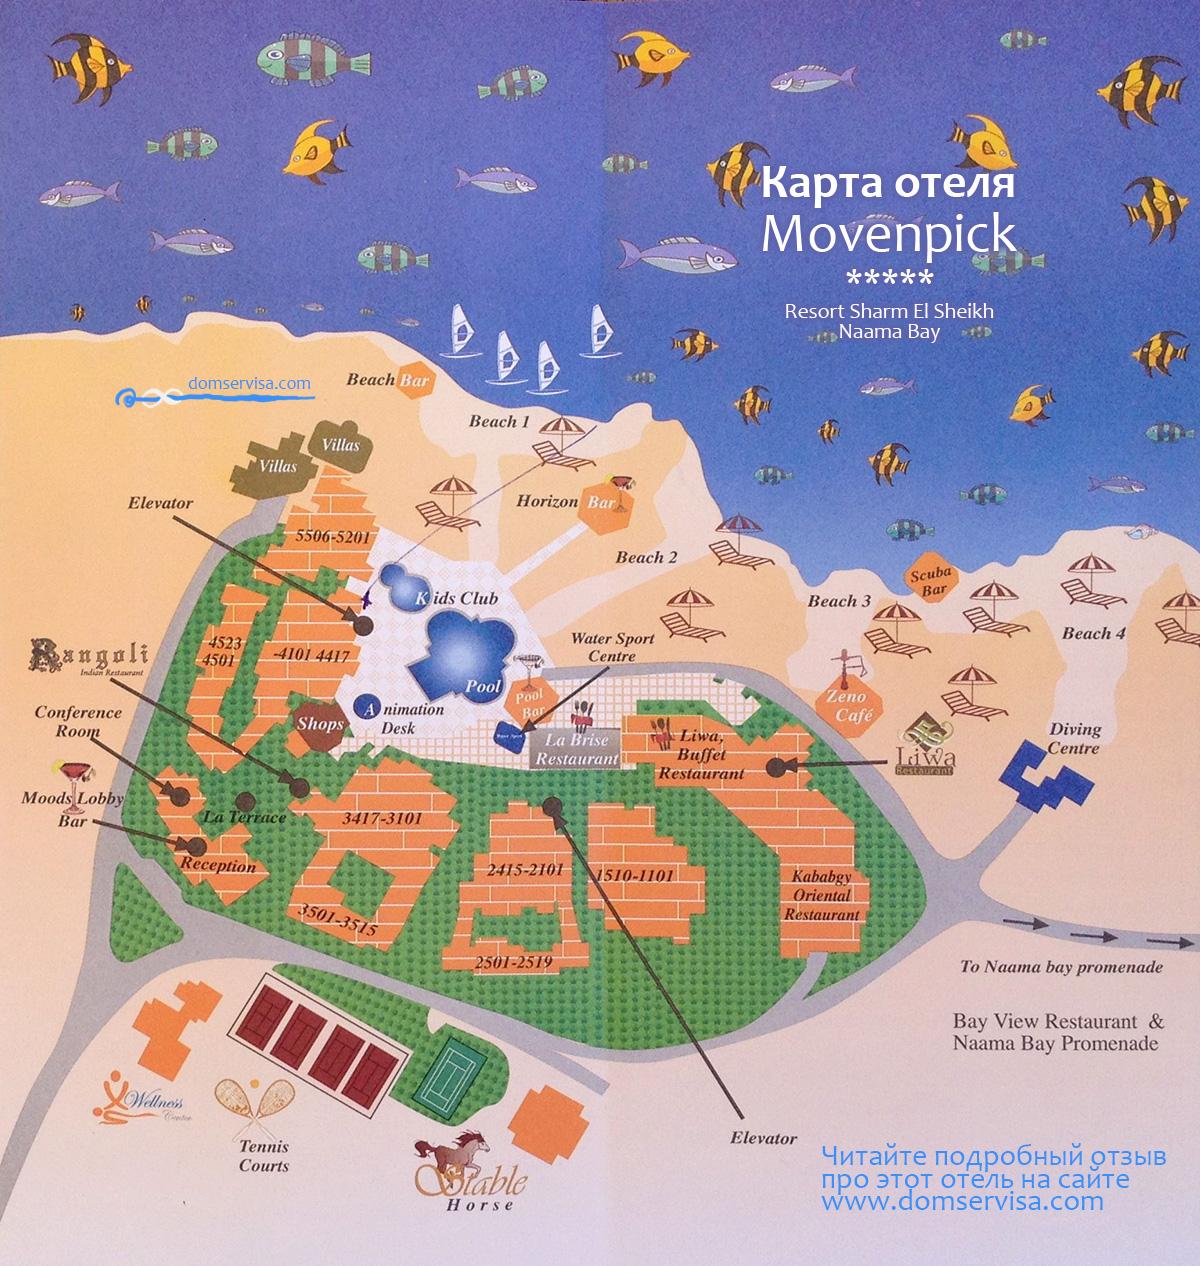 Карта отеля Movenpick Шарм эль Шейх в Наама Бей